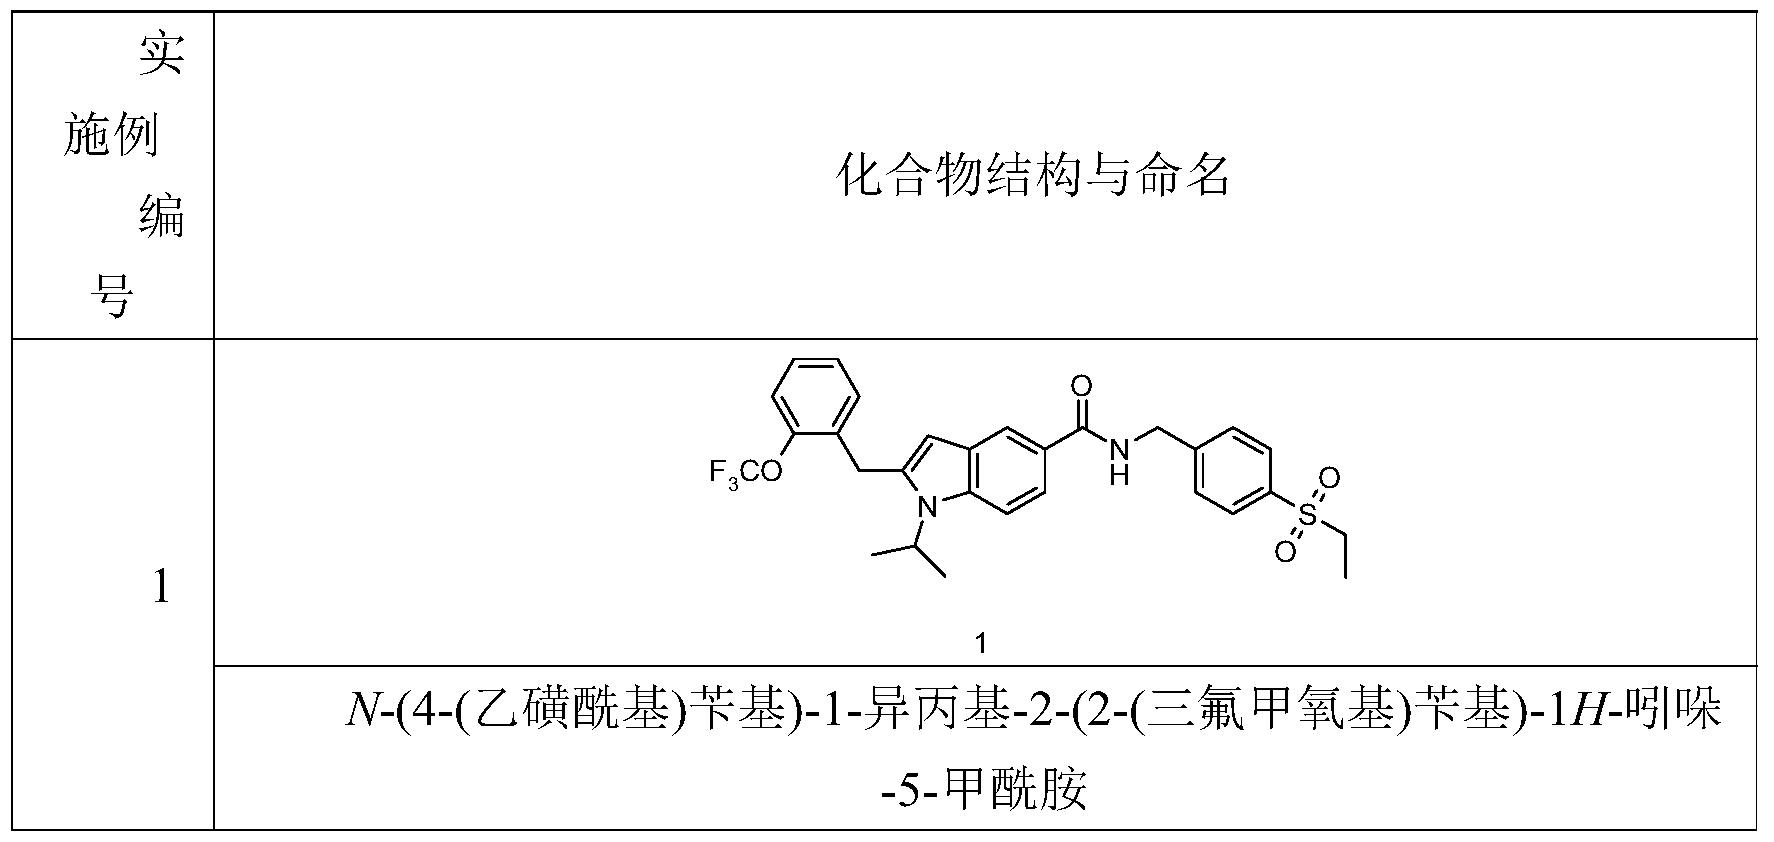 Figure PCTCN2017077114-appb-000012